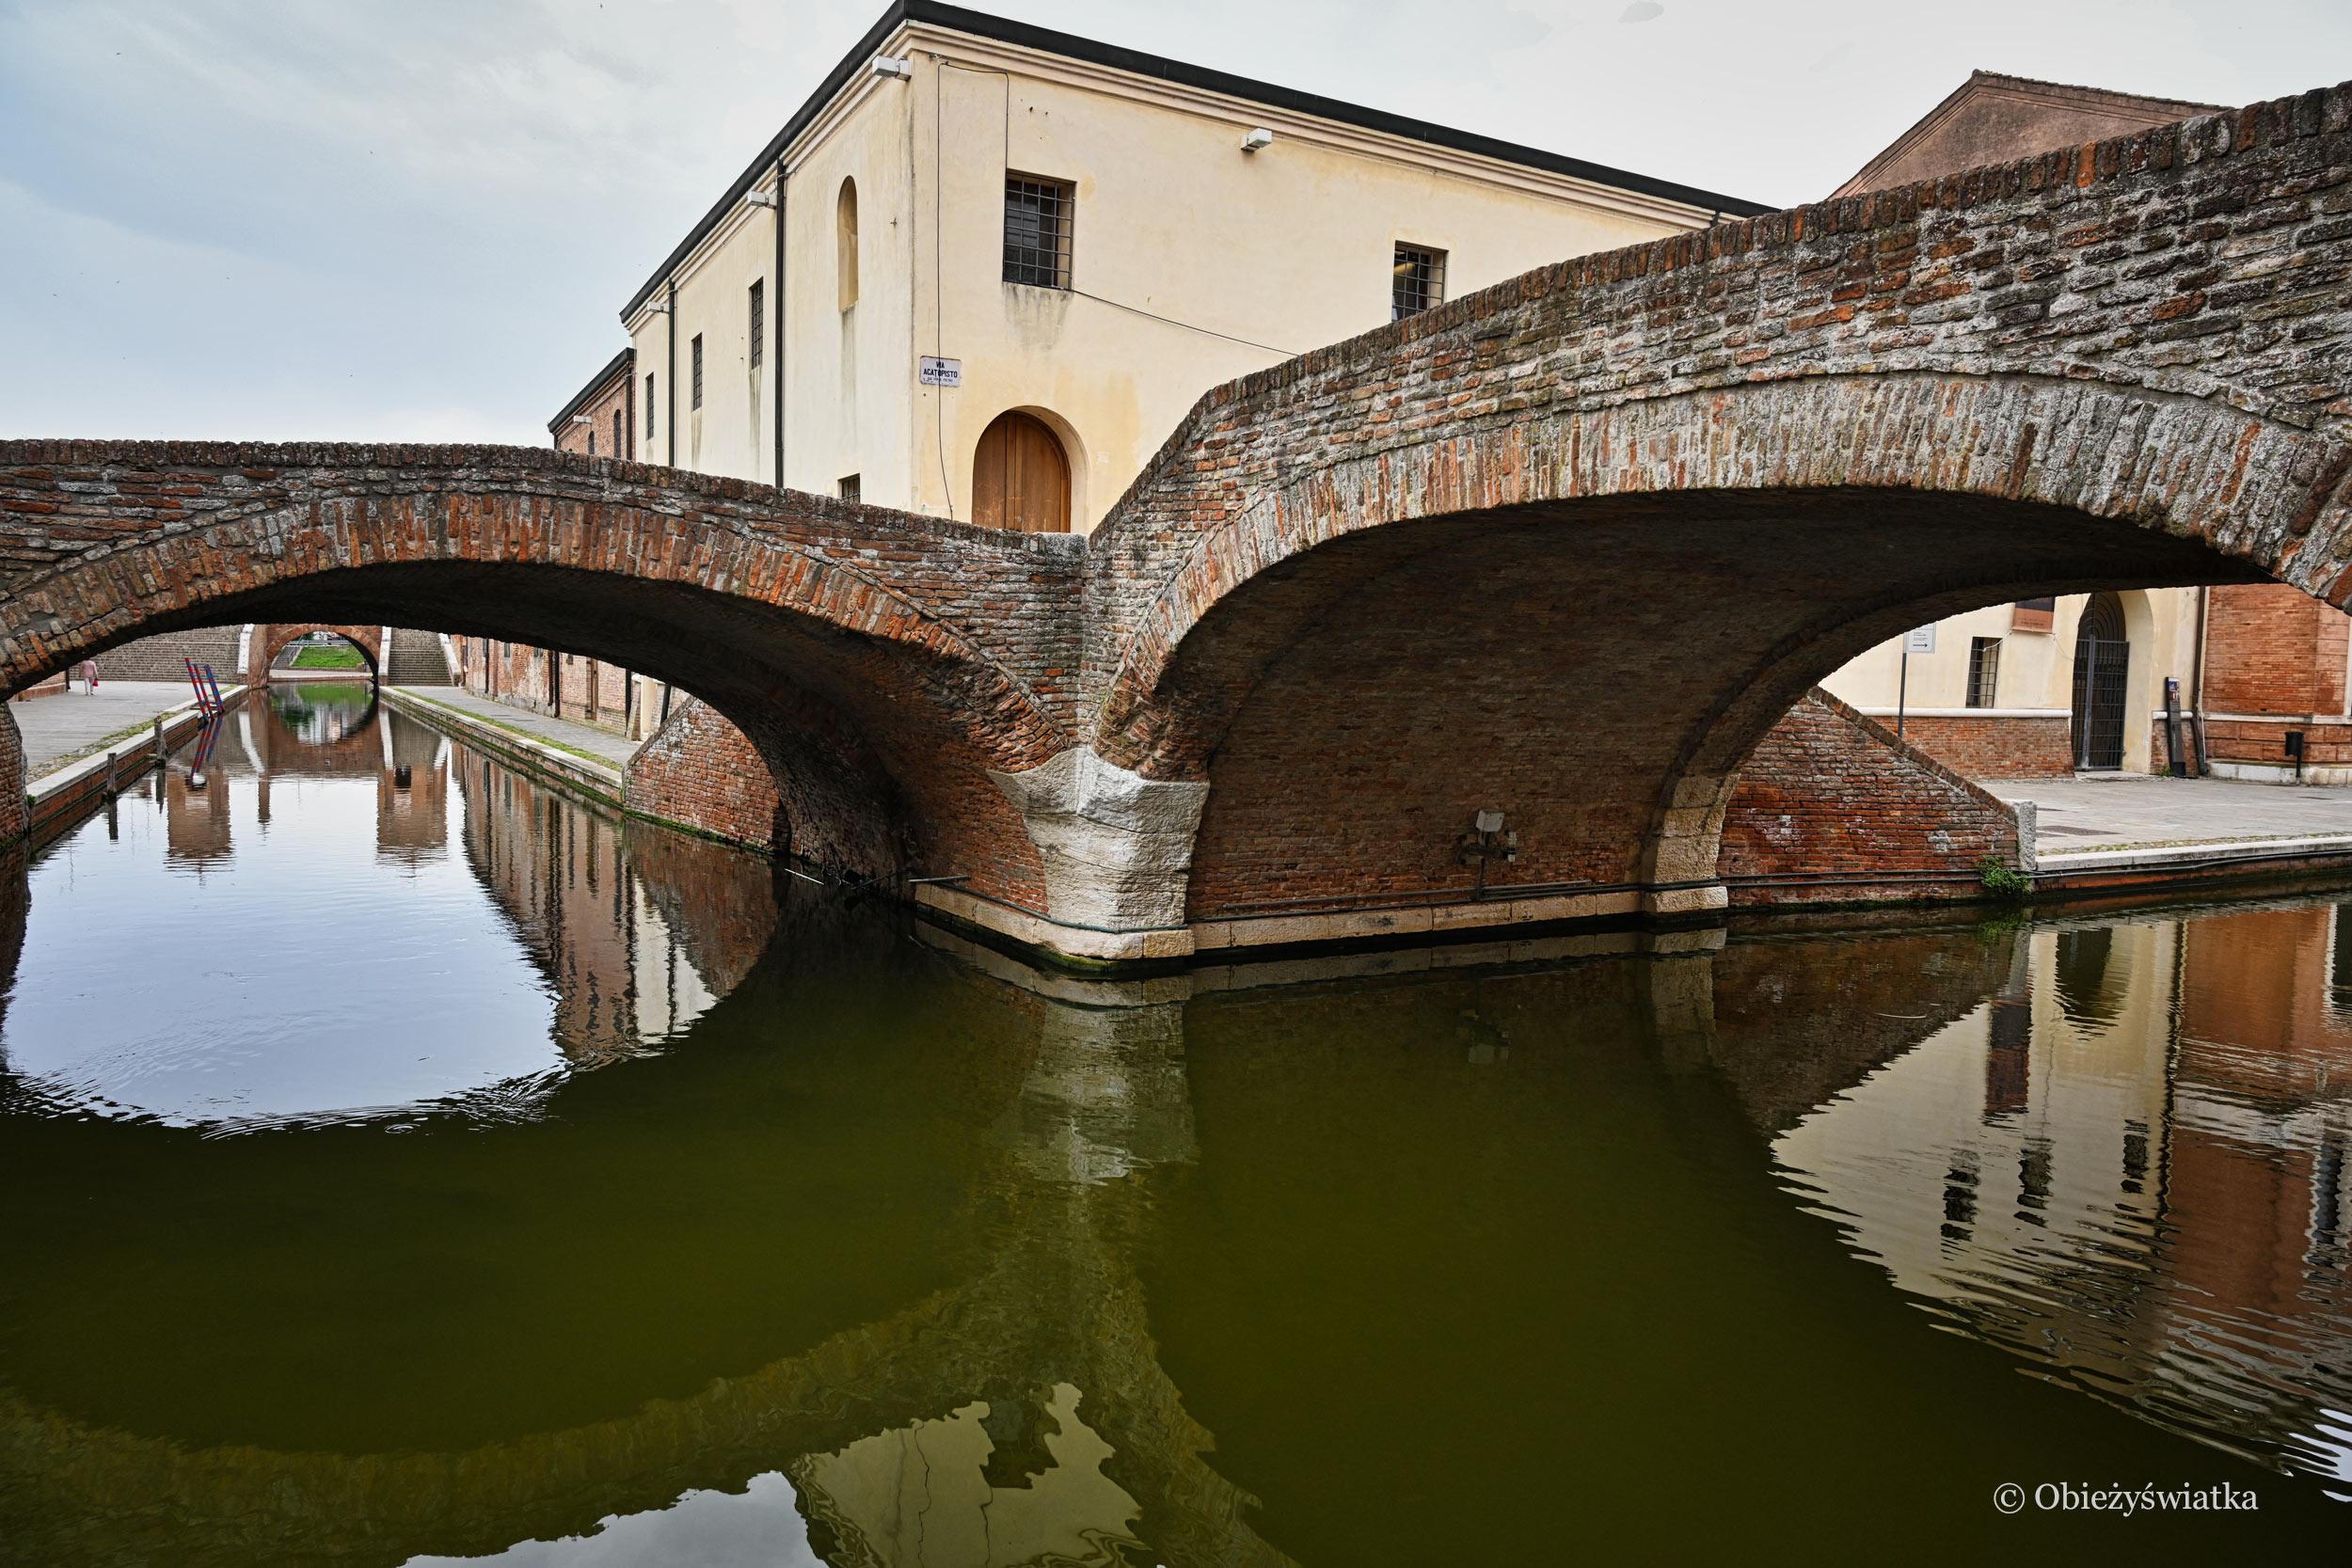 U zbiegu kanałów, Comacchio